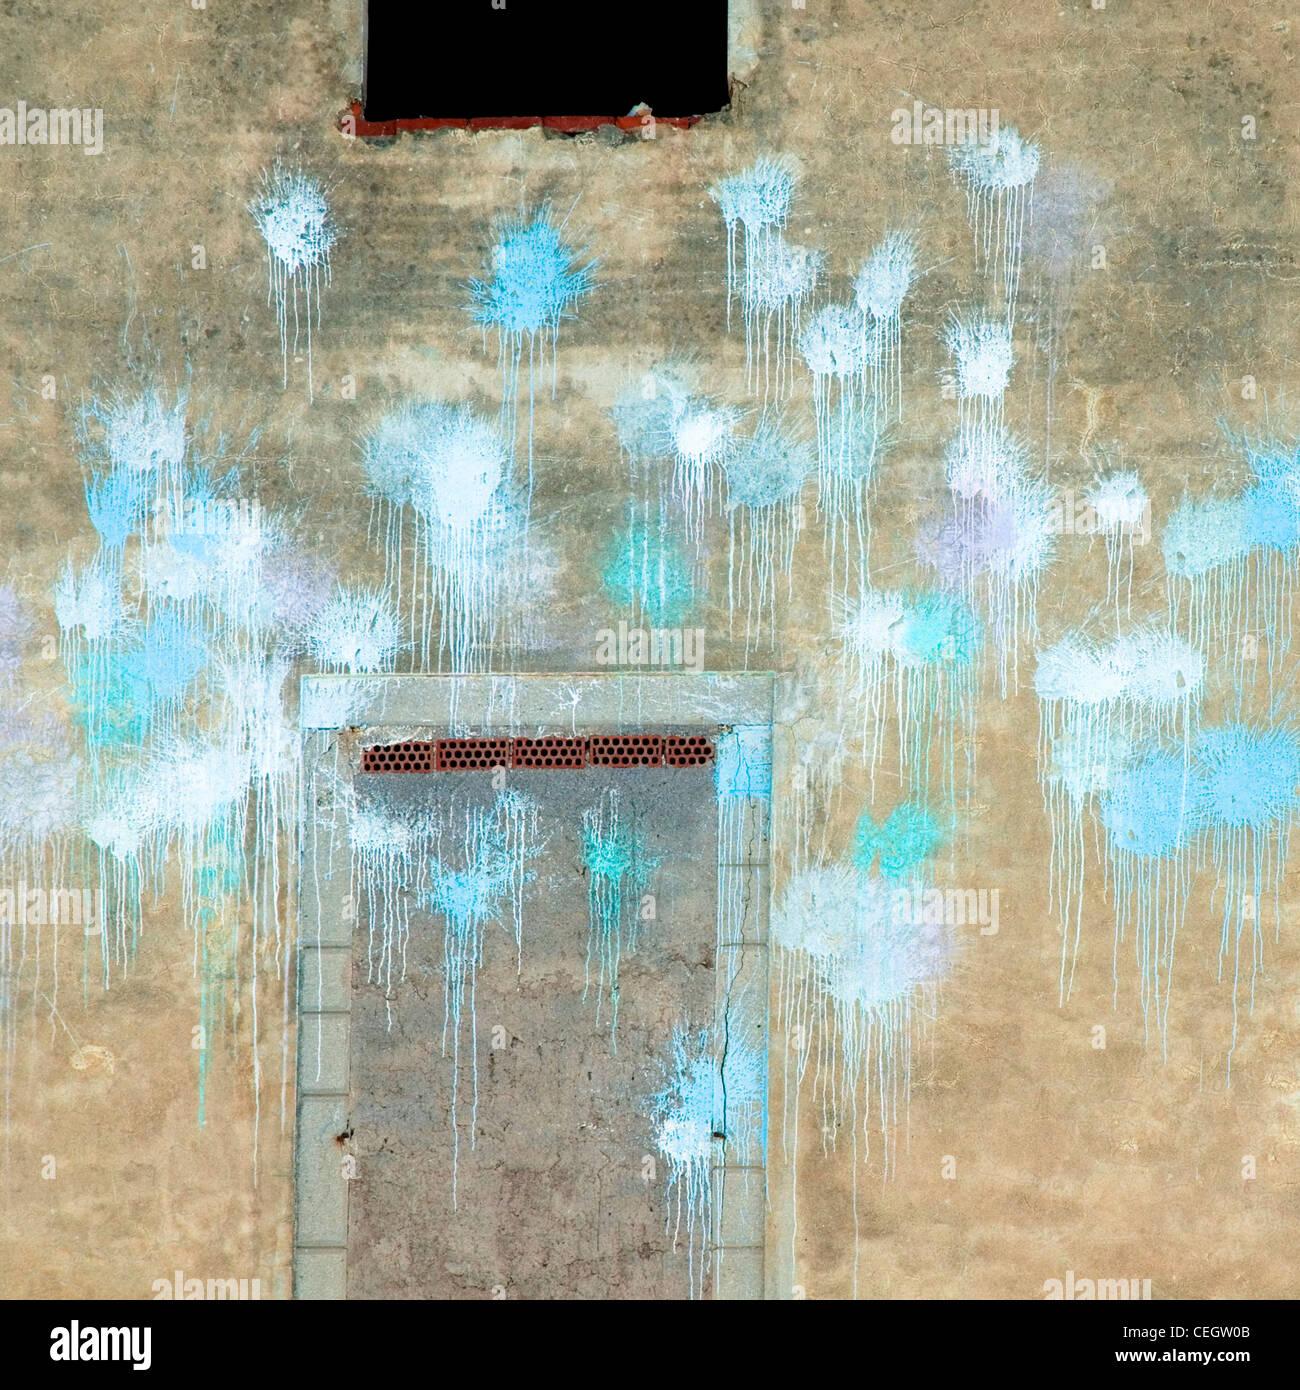 Vorderseite des leeren Gebäudes mit Flecken von blauer Farbe Stockbild